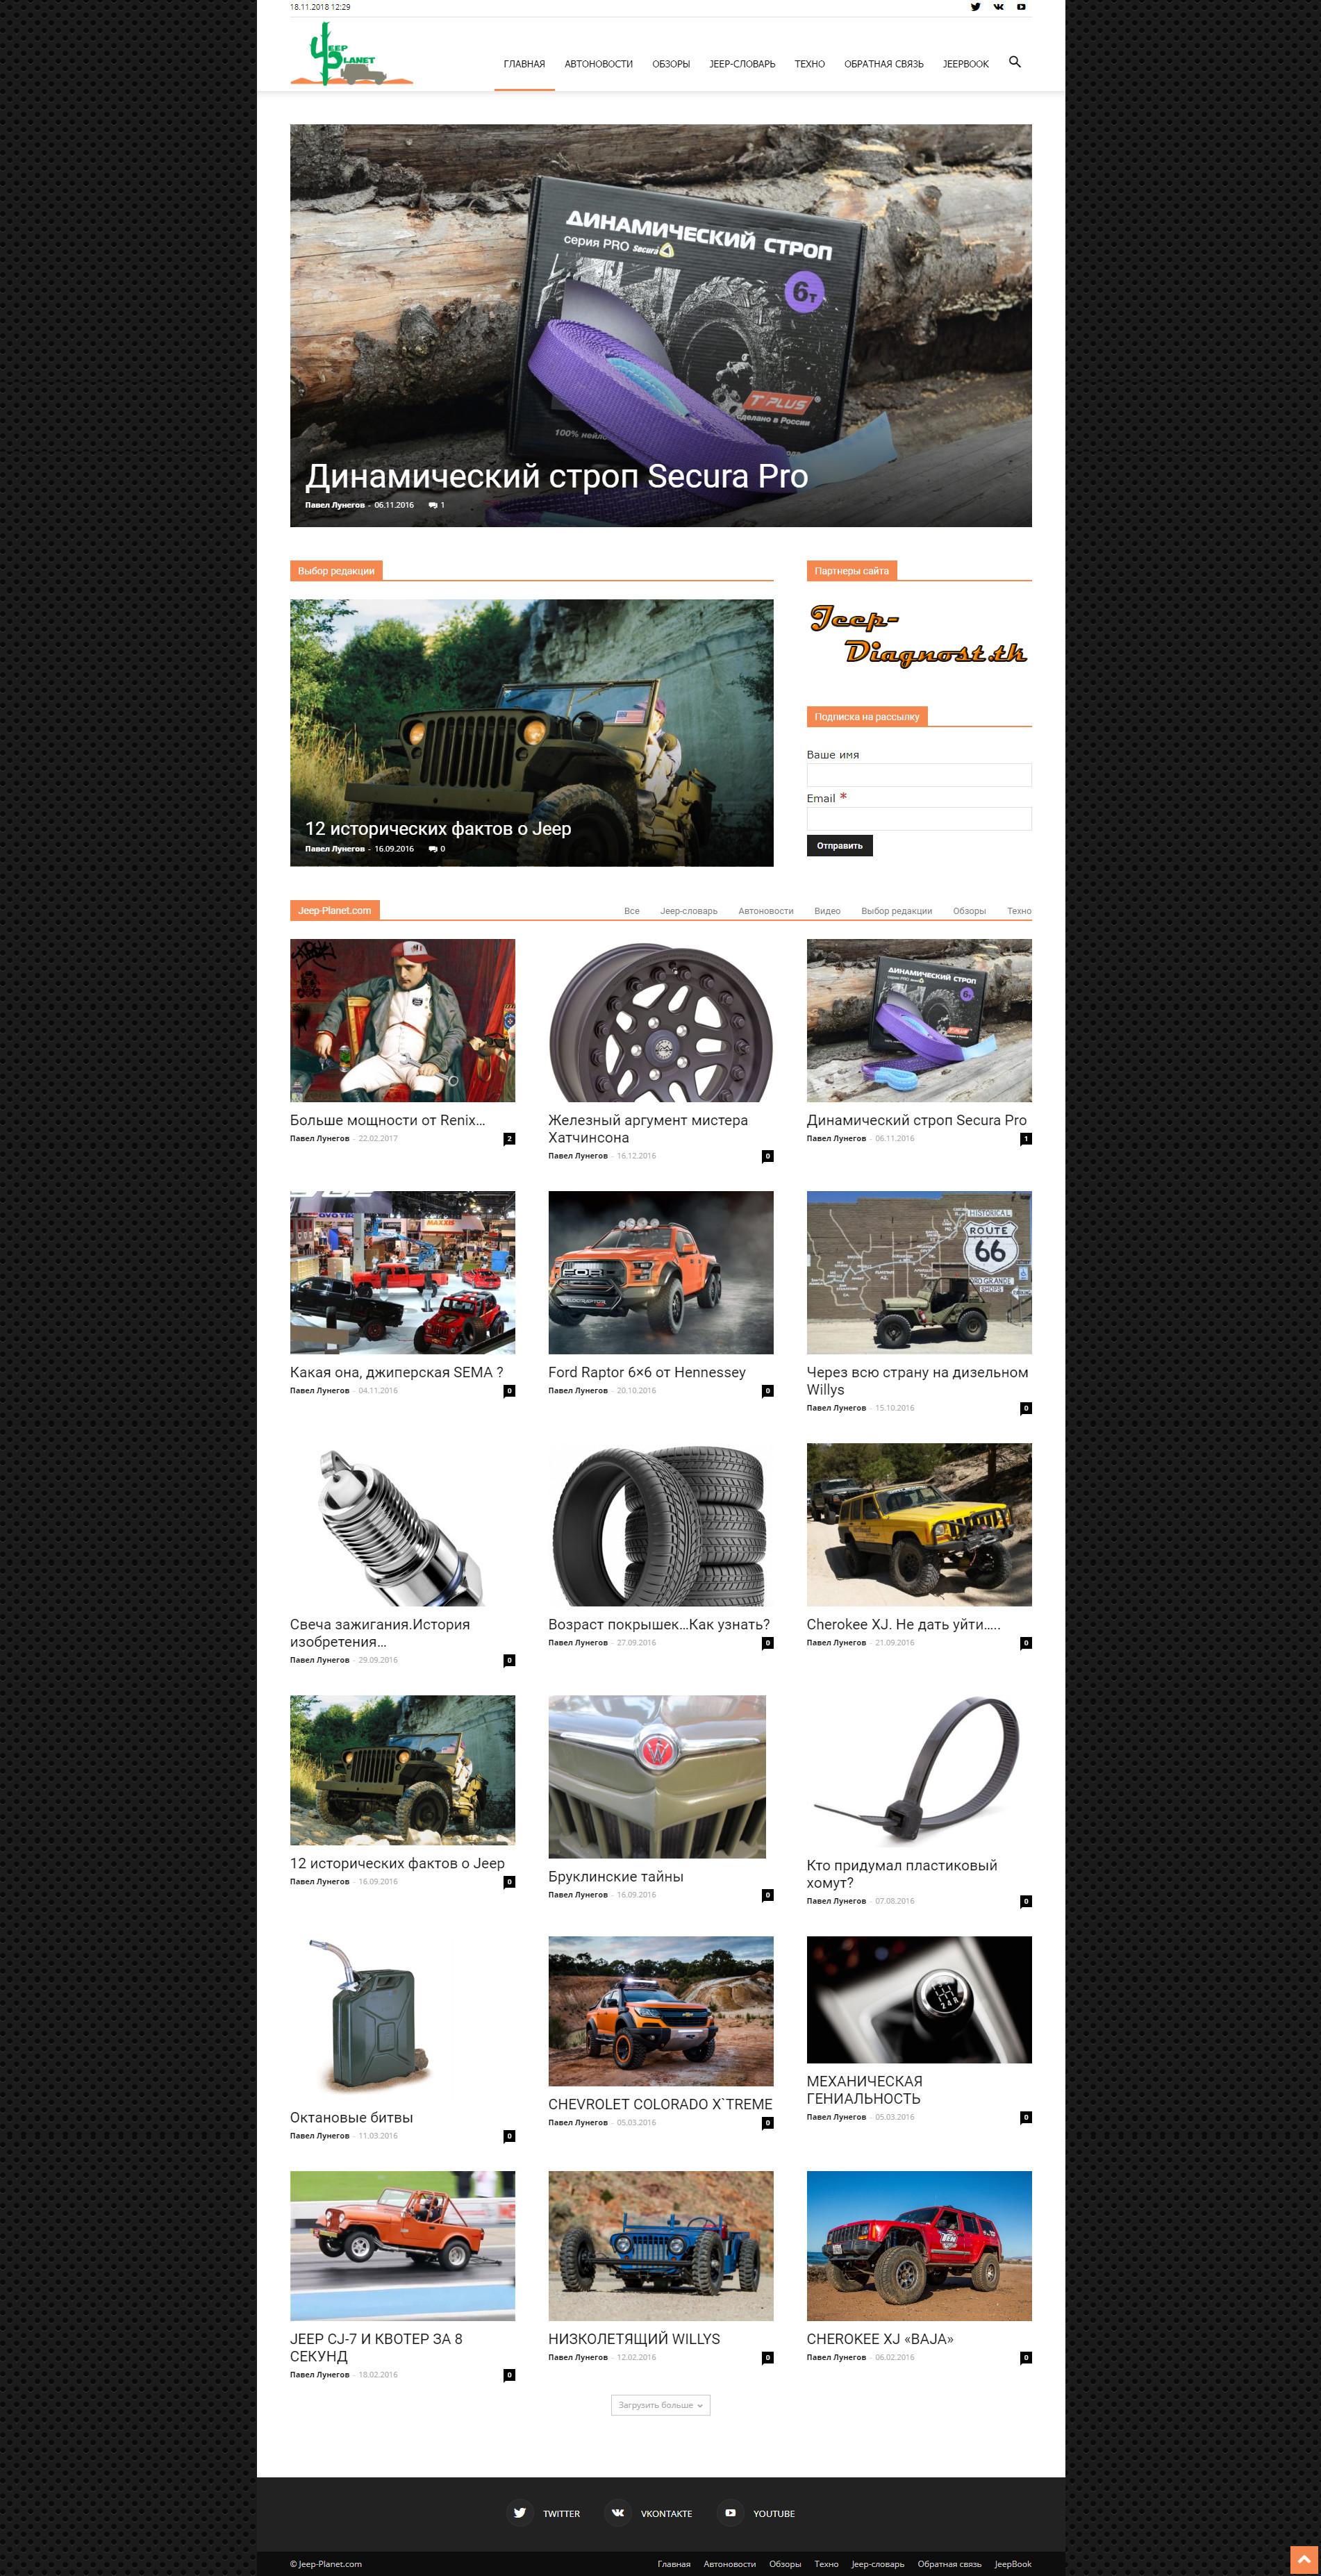 jeep-planet.com